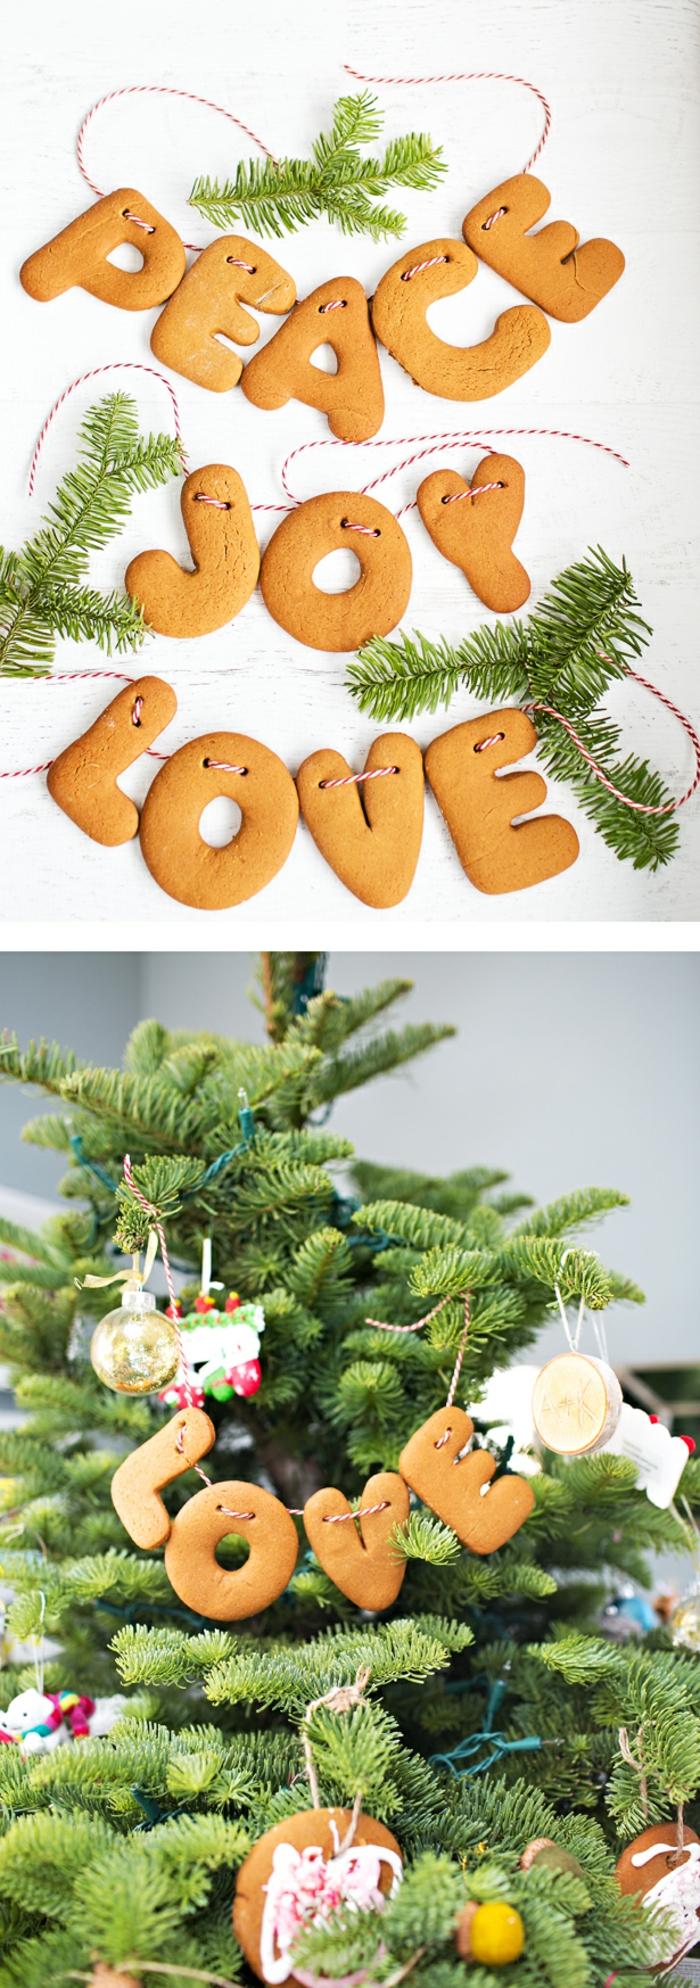 Gilrande aus Keksen und Tannenzweigen selber basteln, tolle Idee für Weihnachtsdekoration